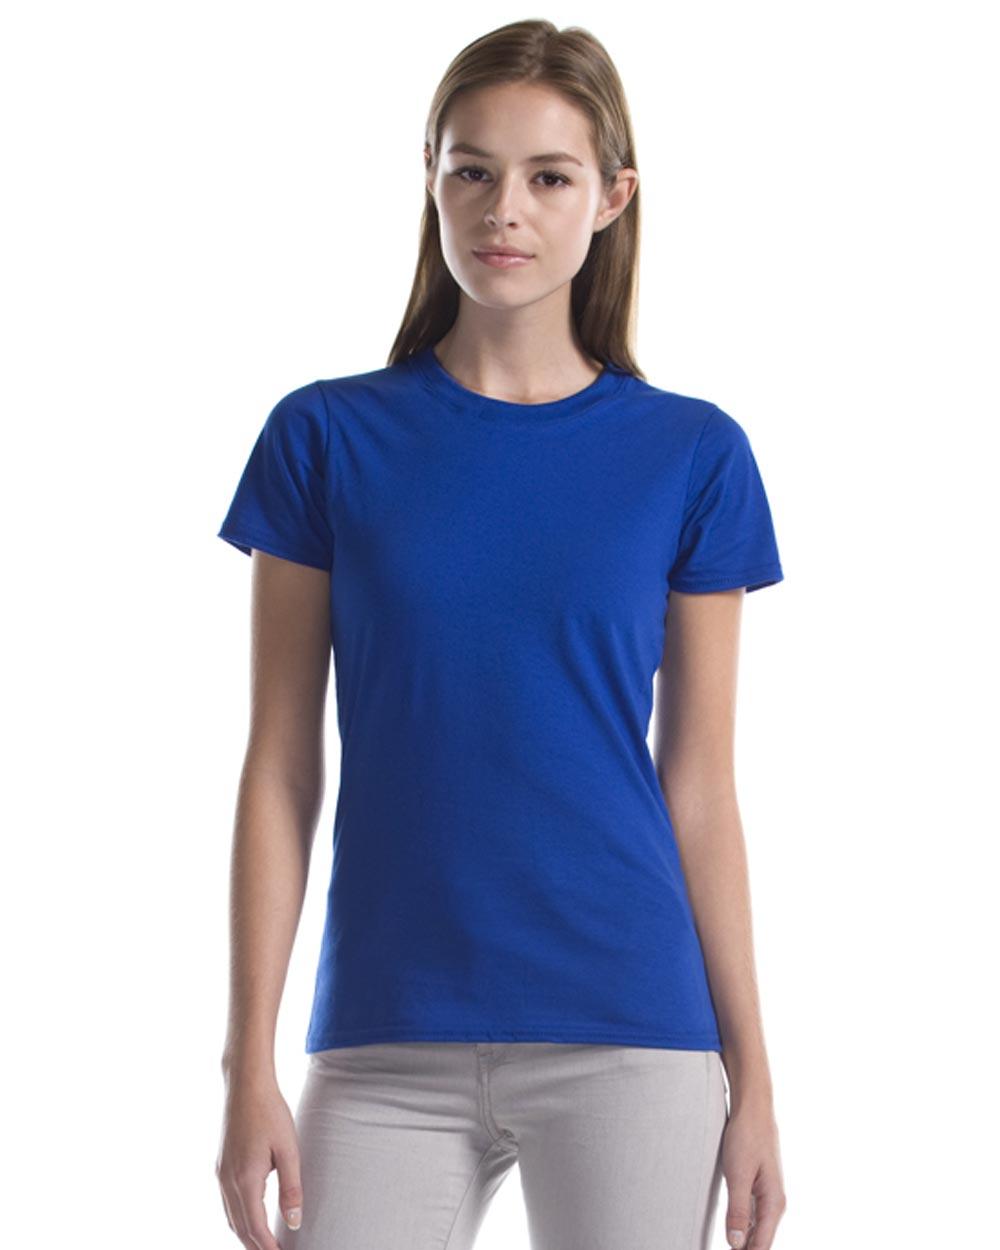 Jerico Ring Spun Cotton Ladies T-Shirt